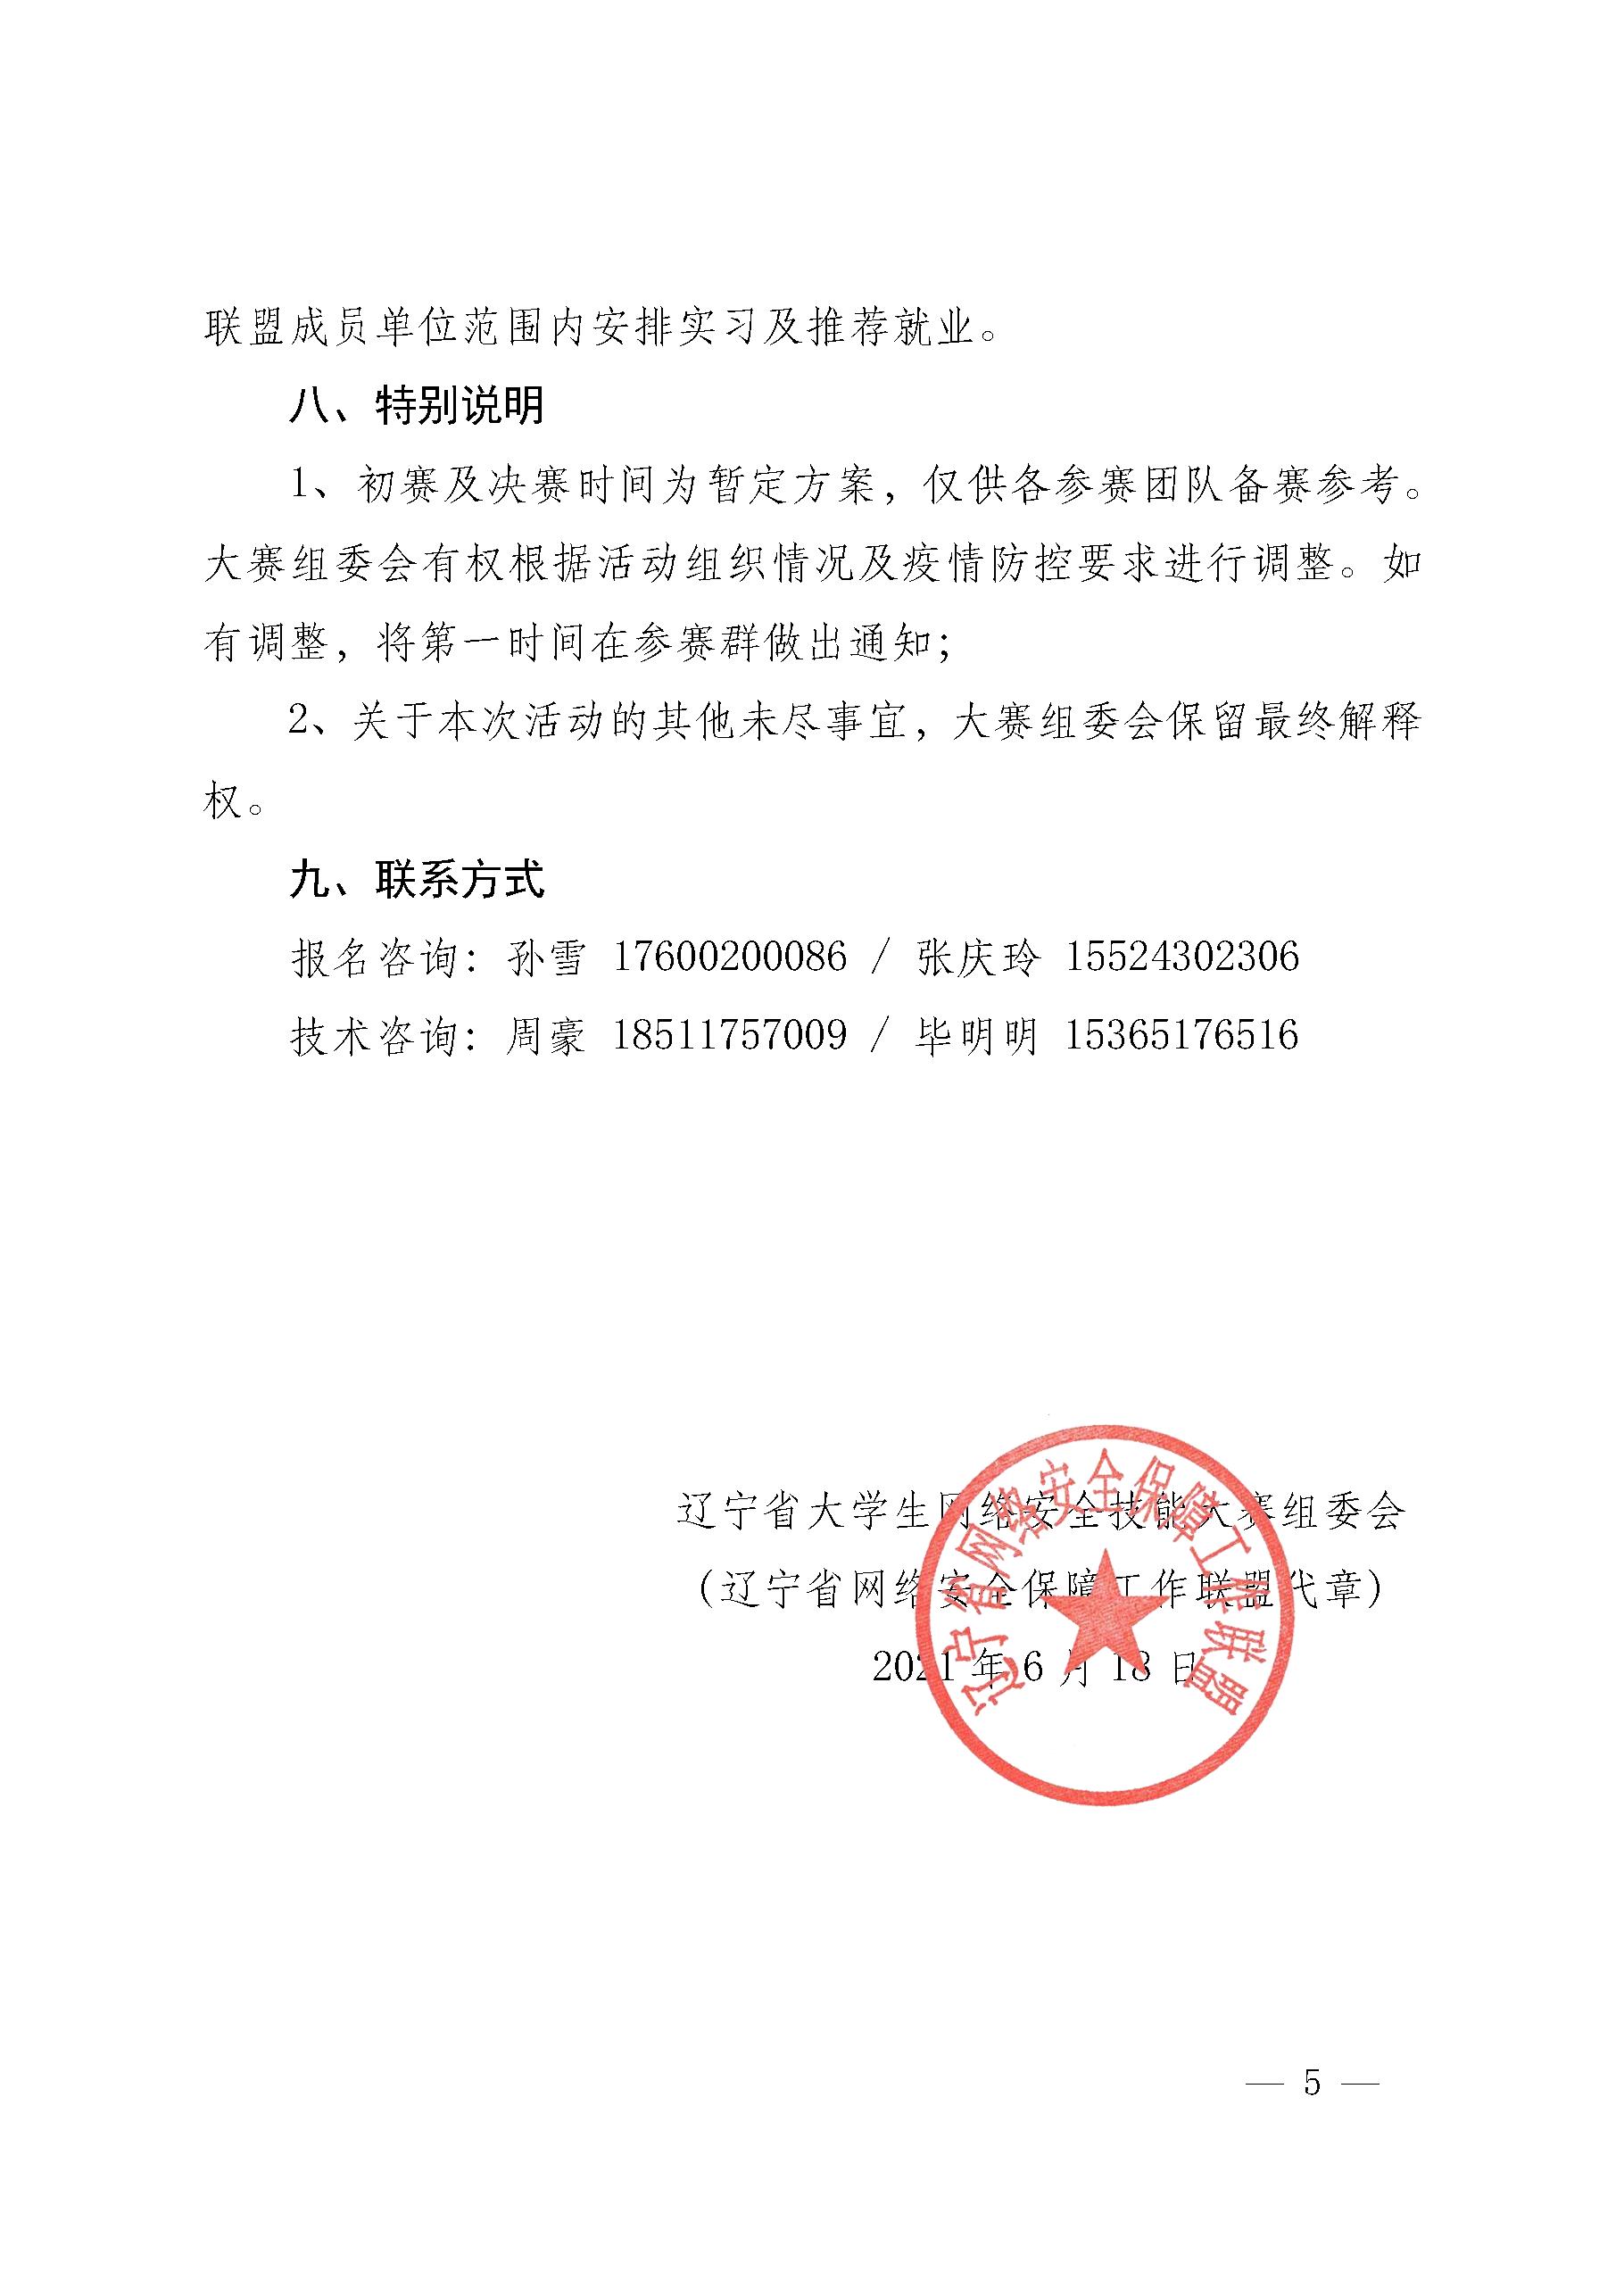 12021年辽宁省大学生网络安全技能大赛活动方案 - 【定稿】_页面_5.png